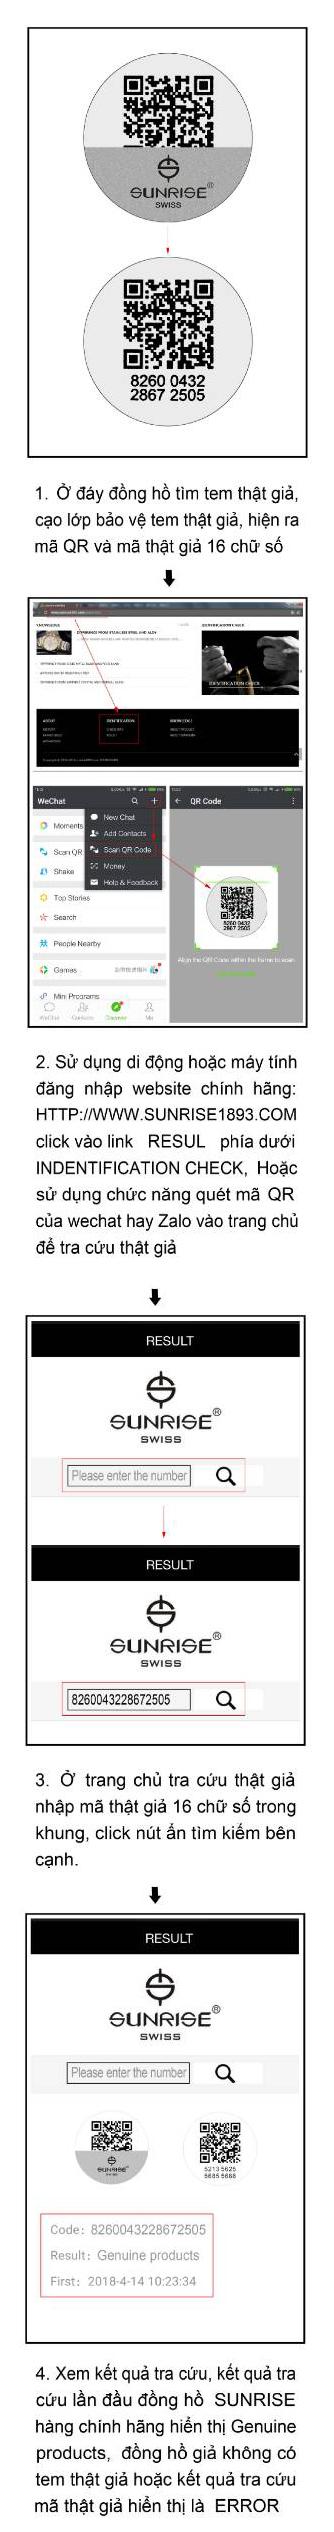 quét mã đồng hồ sunrise